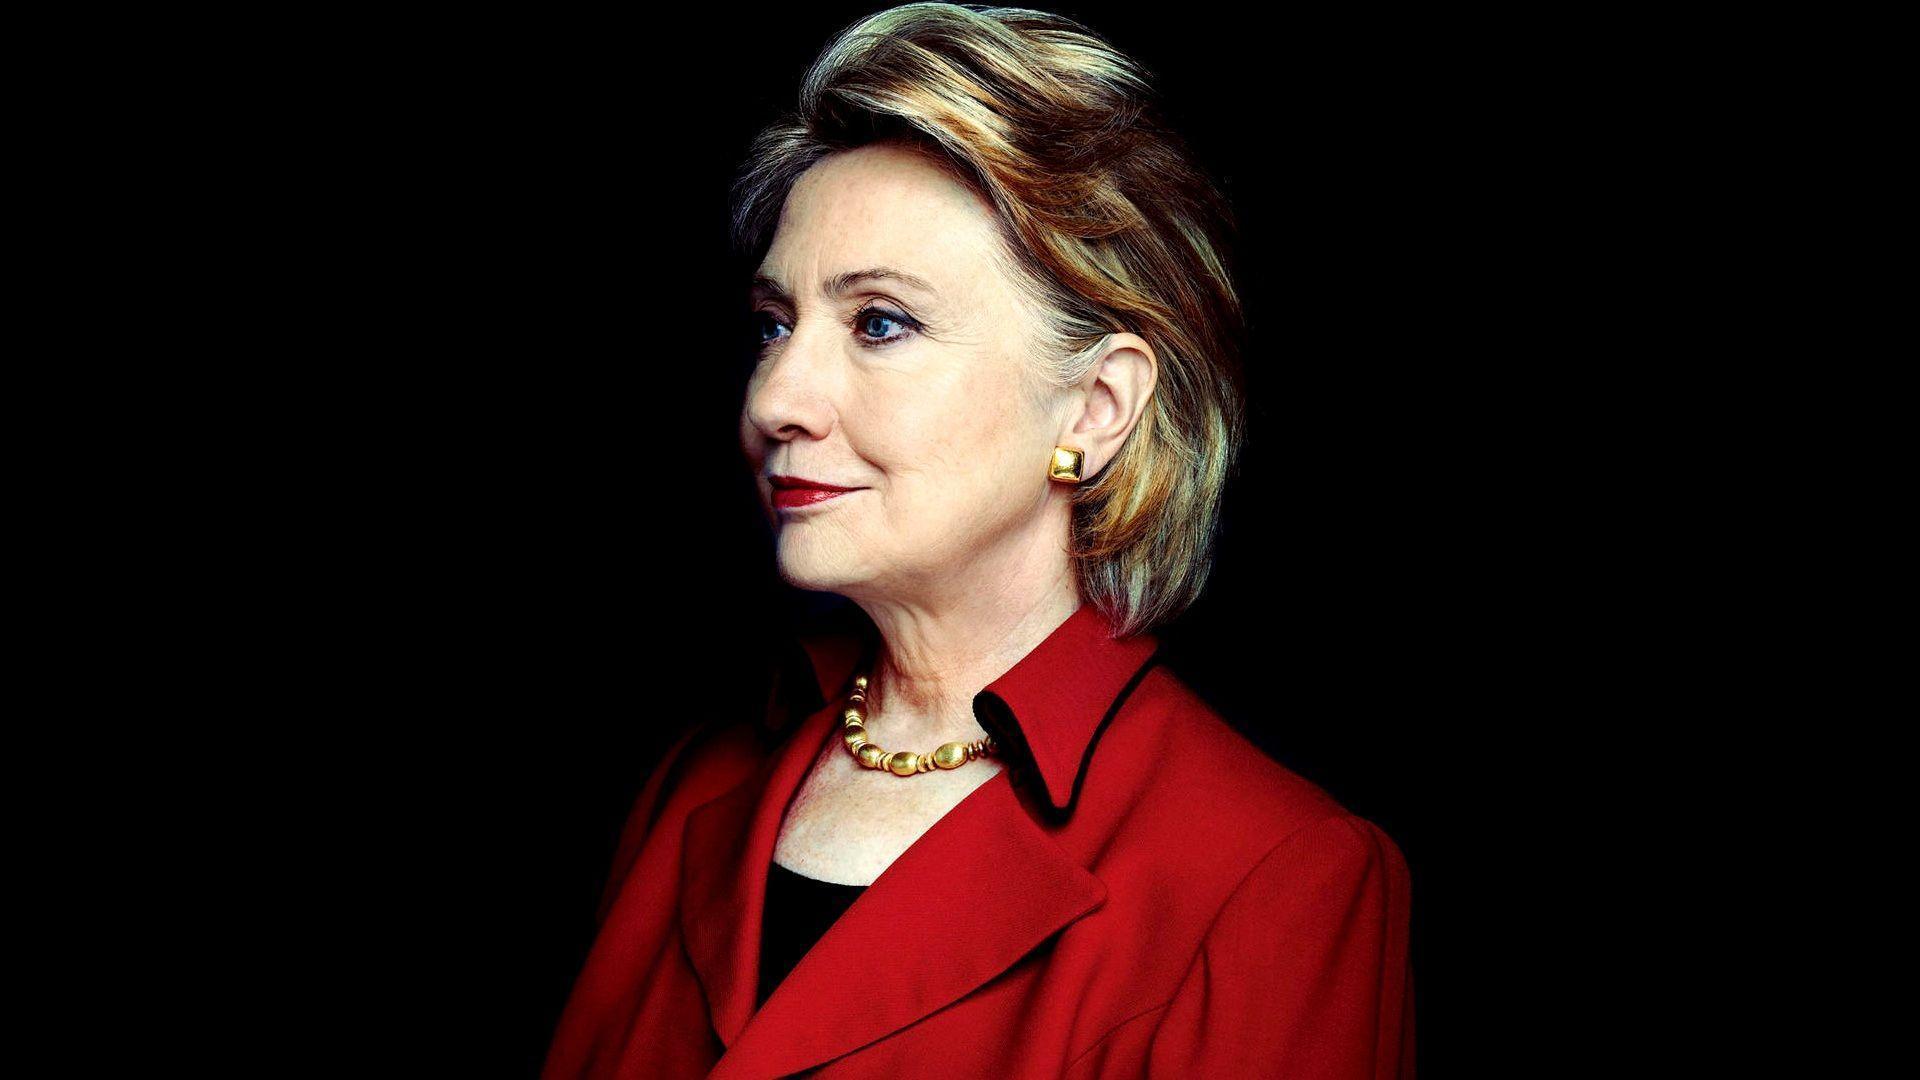 hillary clinton 2016 wallpaper  Hillary Clinton Wallpapers - Wallpaper Cave